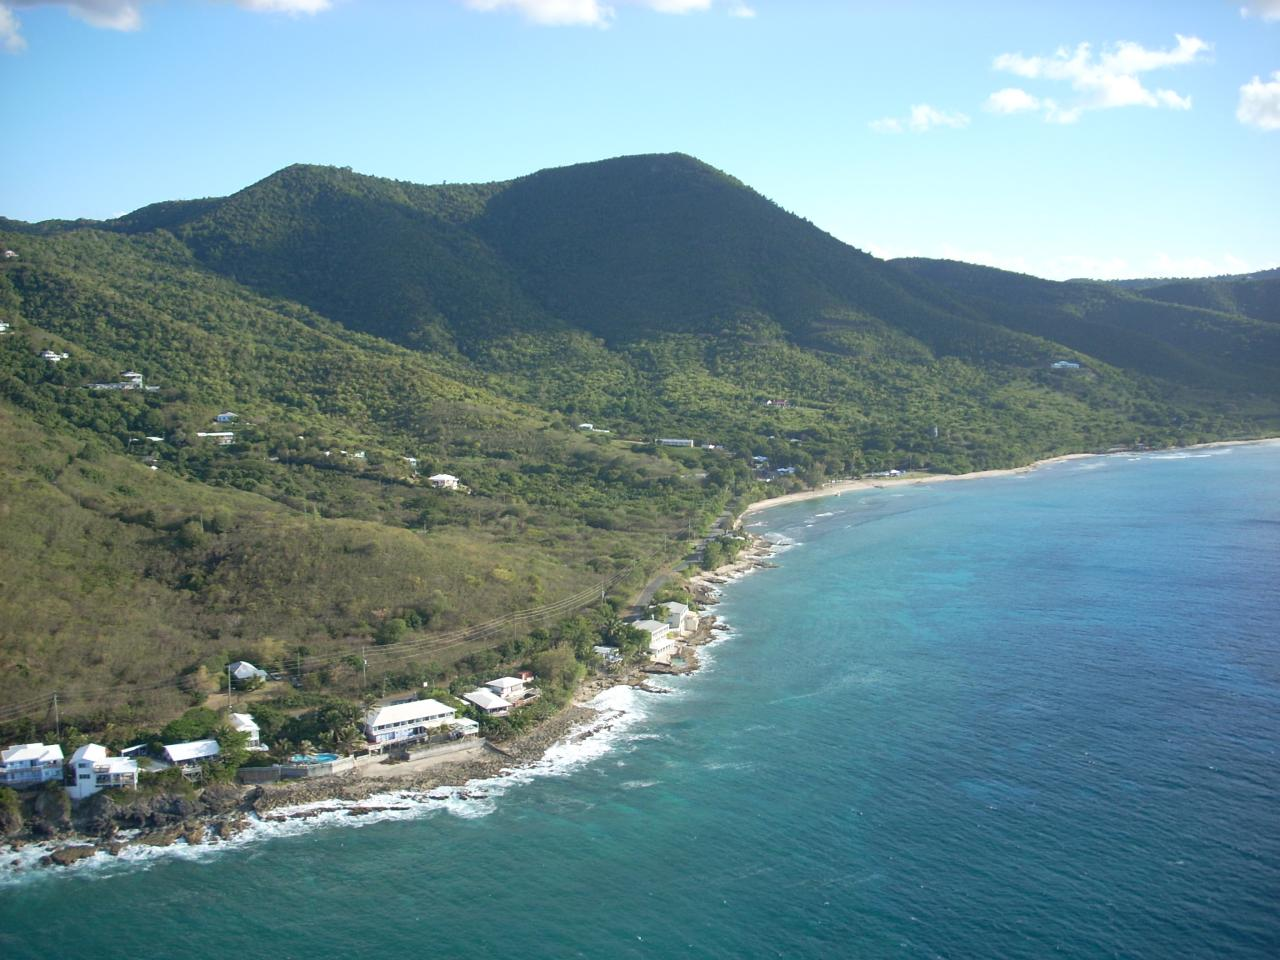 Additional photo for property listing at 110 et al Cane Bay NB 110 et al Cane Bay NB St Croix, Virgin Islands 00820 United States Virgin Islands